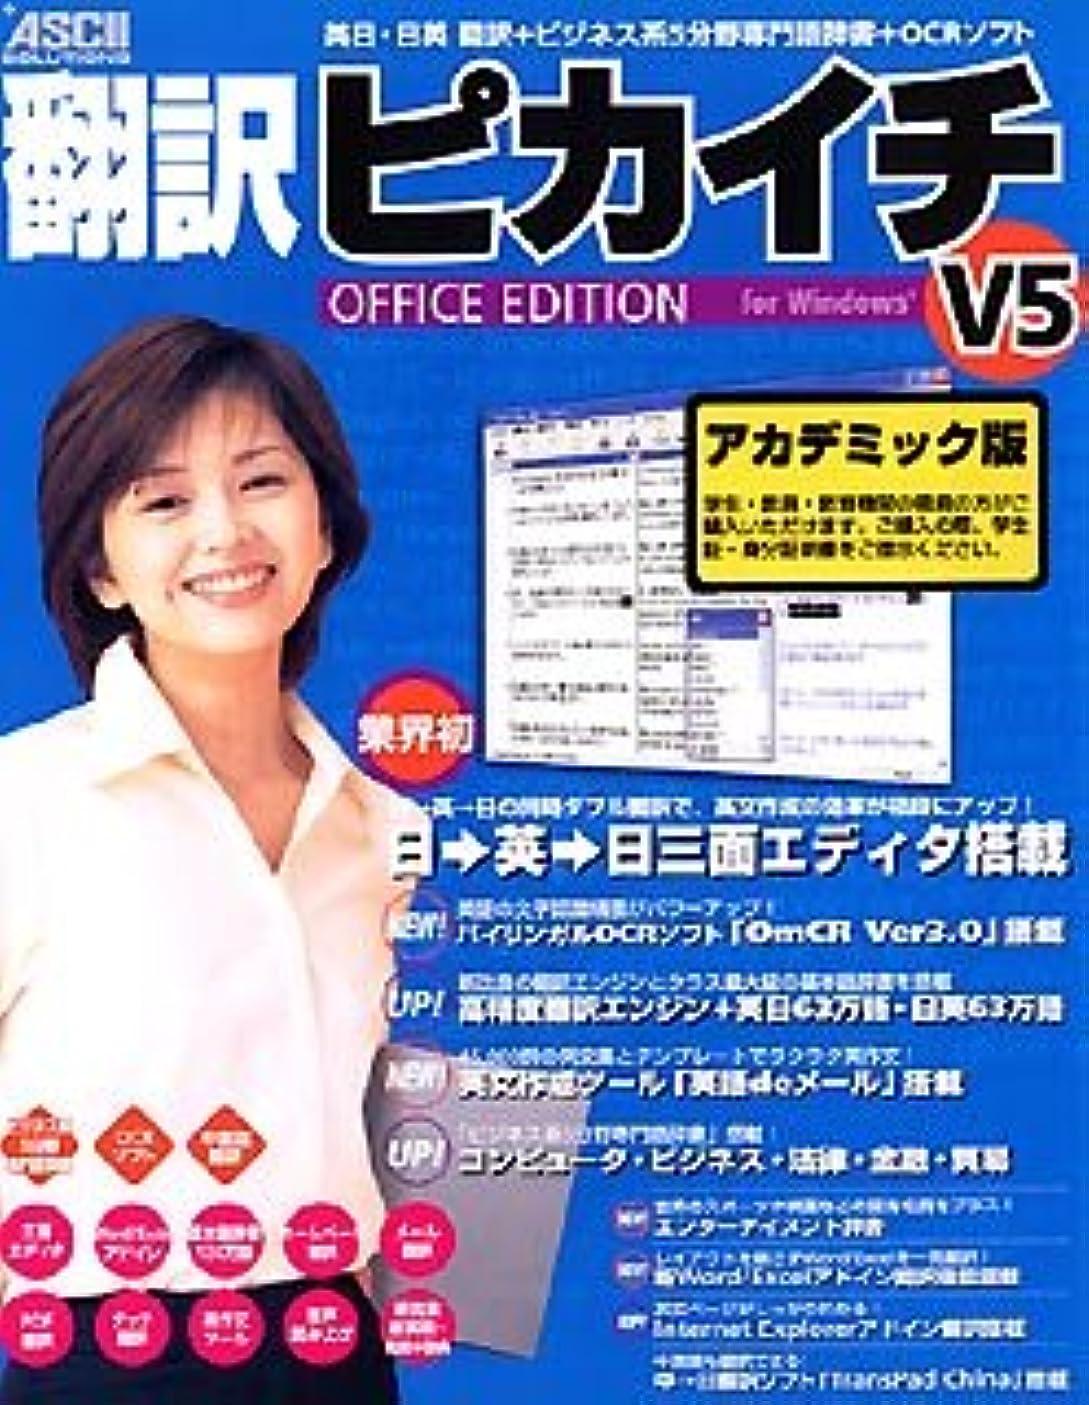 発見強調する邪悪な翻訳ピカイチ V5 オフィスエディション アカデミック for Windows